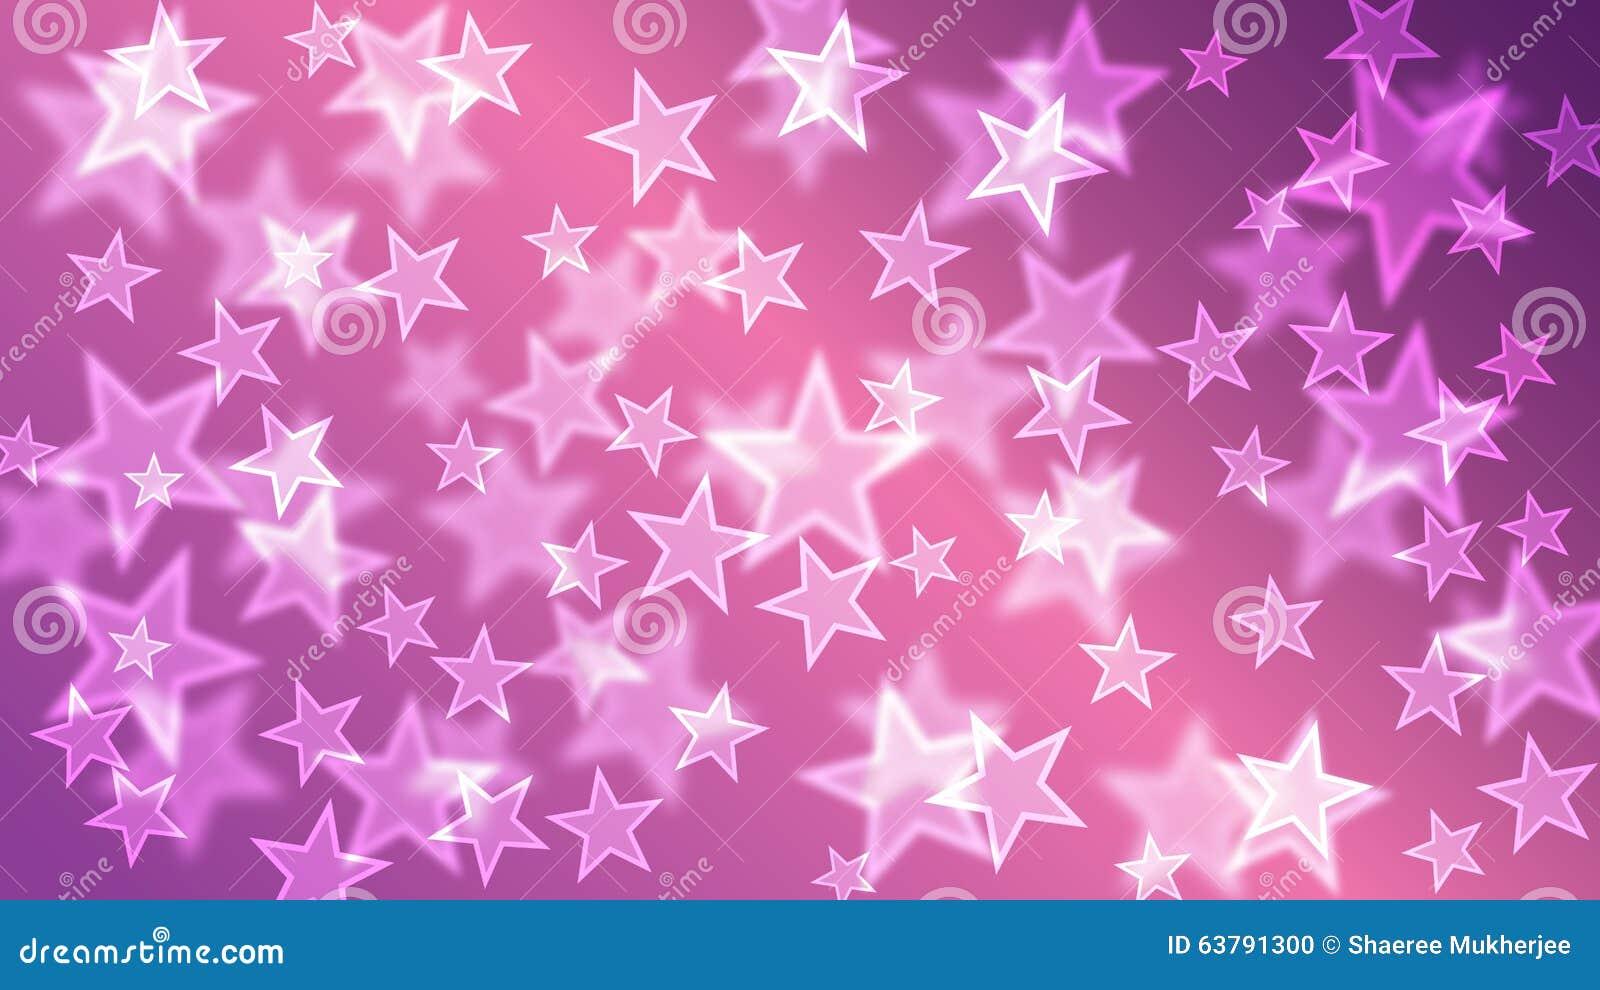 Purple stars bokeh background wallpaper stock illustration purple stars bokeh background wallpaper thecheapjerseys Gallery